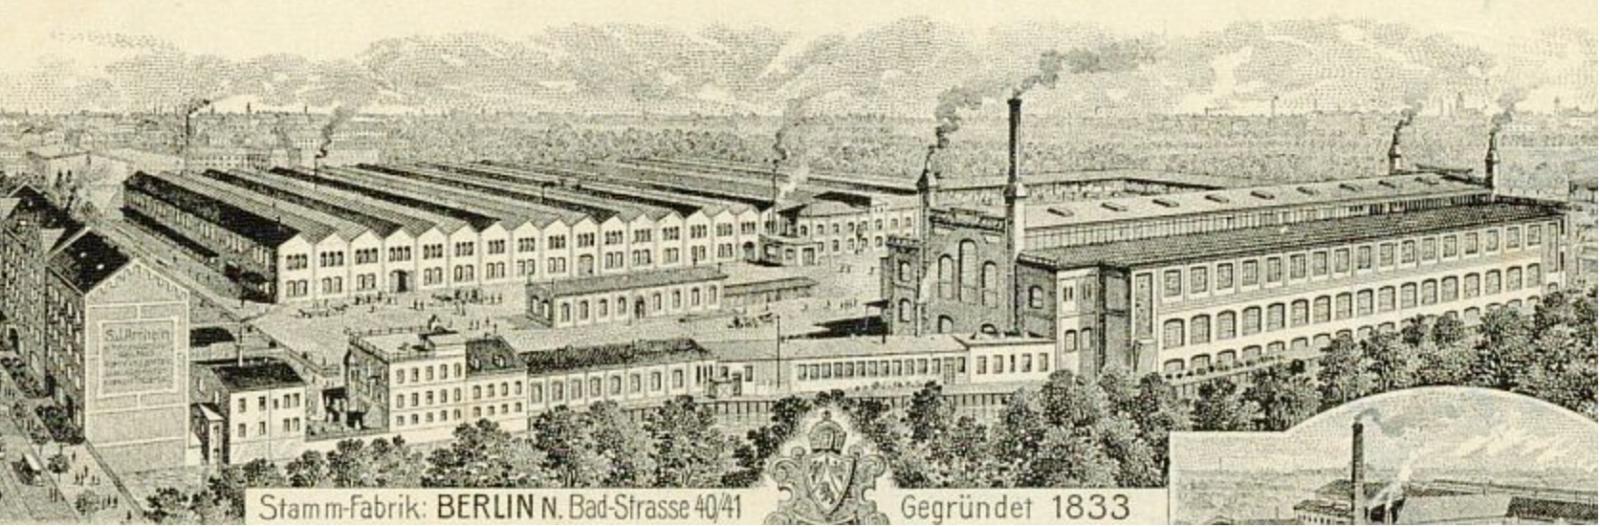 Briefkopf Tresorfabrik Arnheim im Wedding mit Wohnhaus Badstraße und Fabrik bis zur Osloer Straße